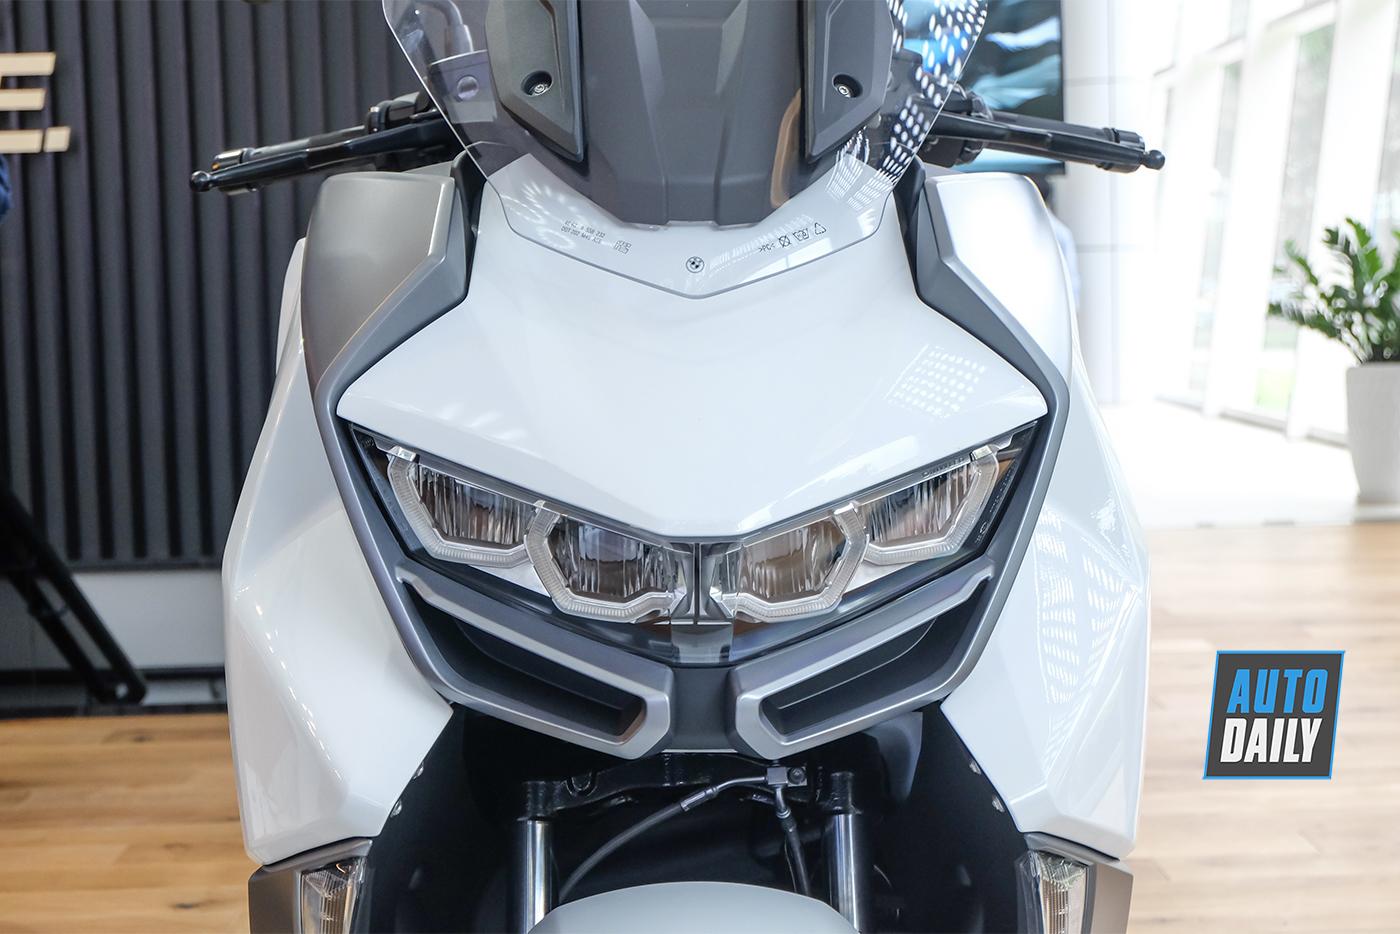 bmw-motorrad-c400gt-4.jpg